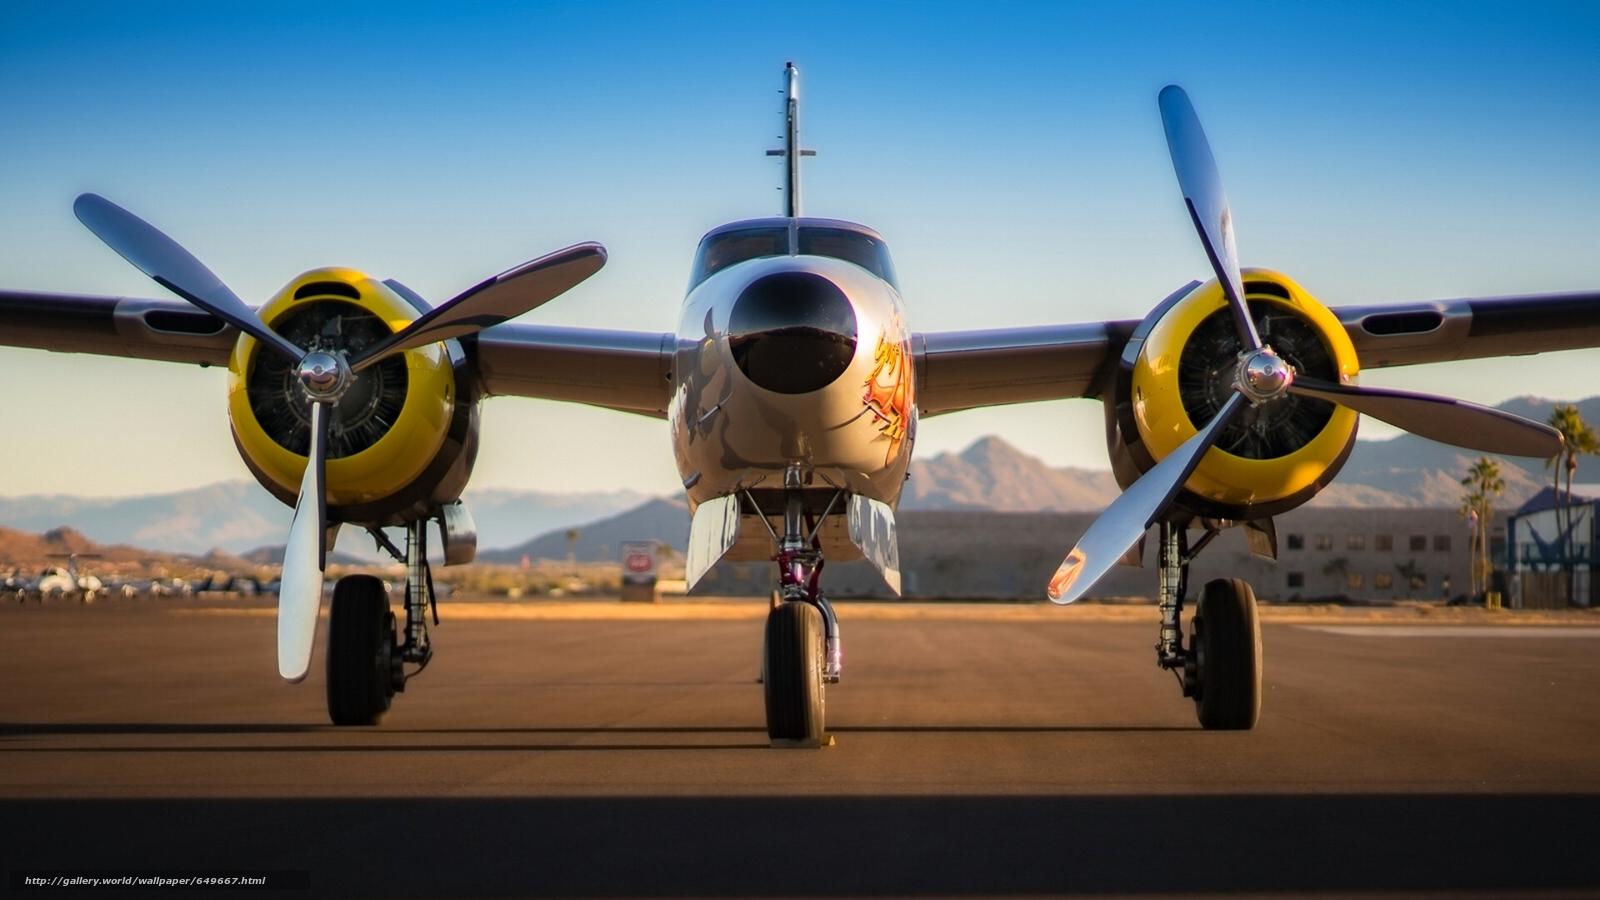 pobra tapety Douglas A-26 Invader,  bombowiec,  samolot Darmowe tapety na pulpit rozdzielczoci 1920x1080 — zdjcie №649667